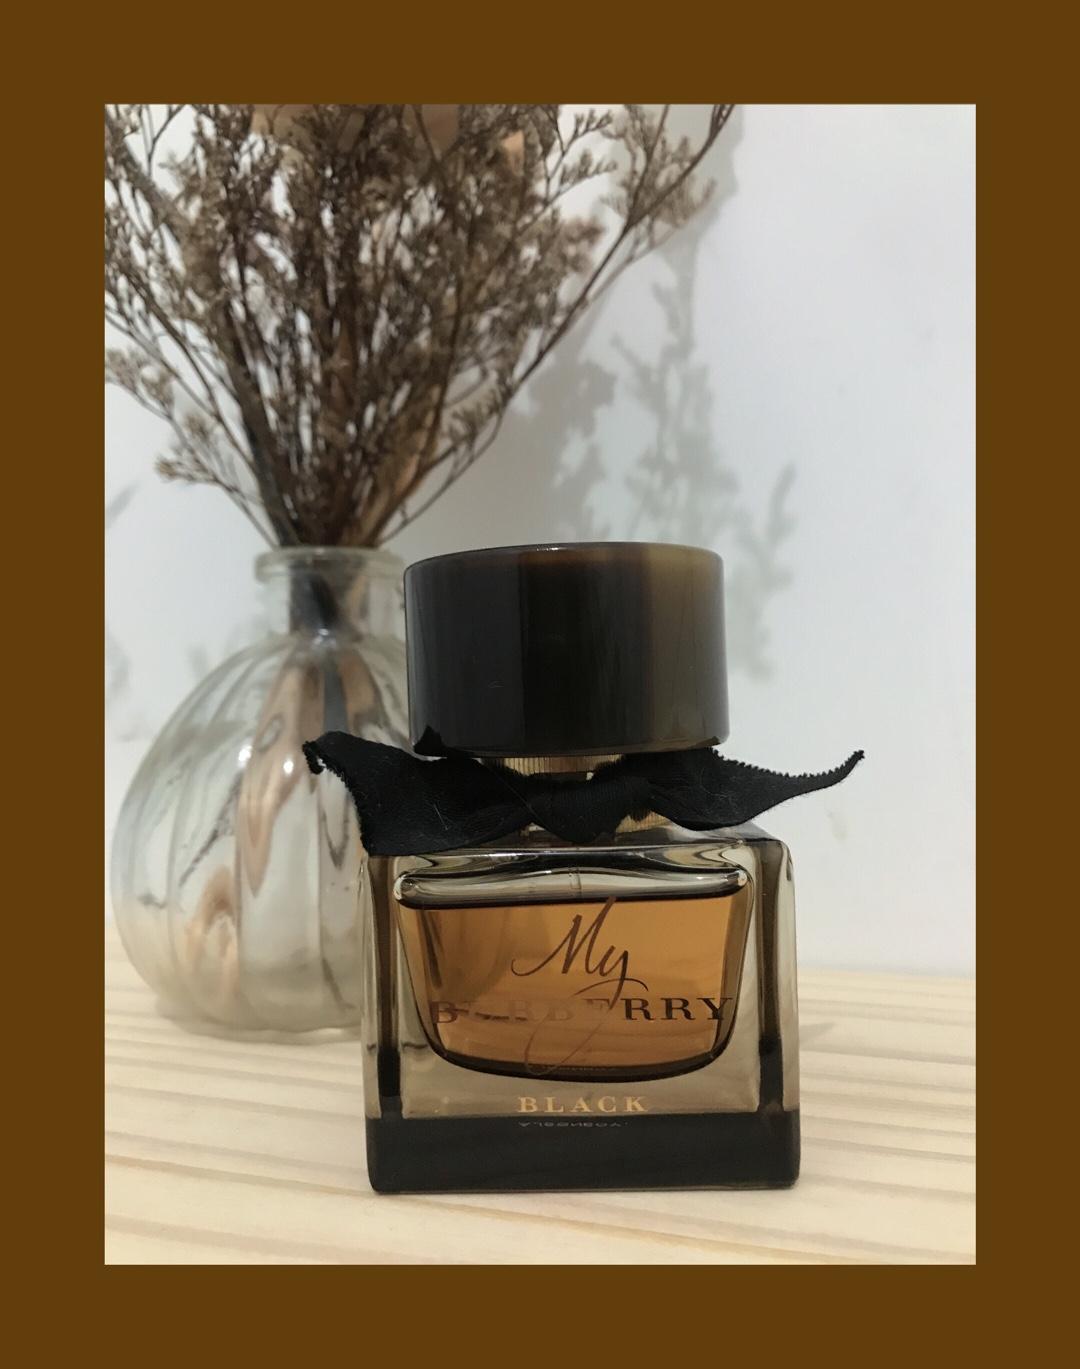 朋友送的香水💕 巴宝莉浓情黑色版, 味道非常好闻 瓶子也很好看 这是我最近常用的香水 #宝藏cp约会香水#